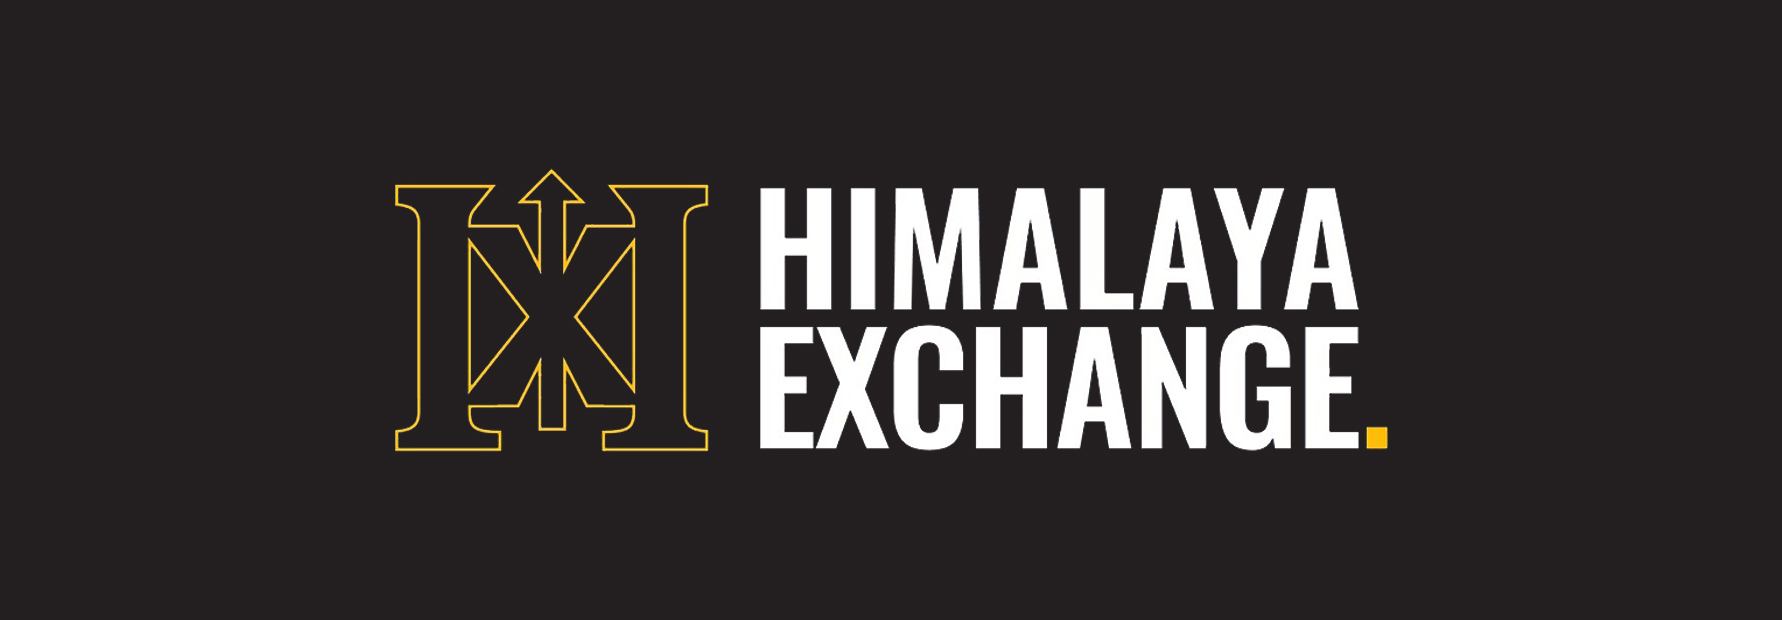 Himalaya Exchange